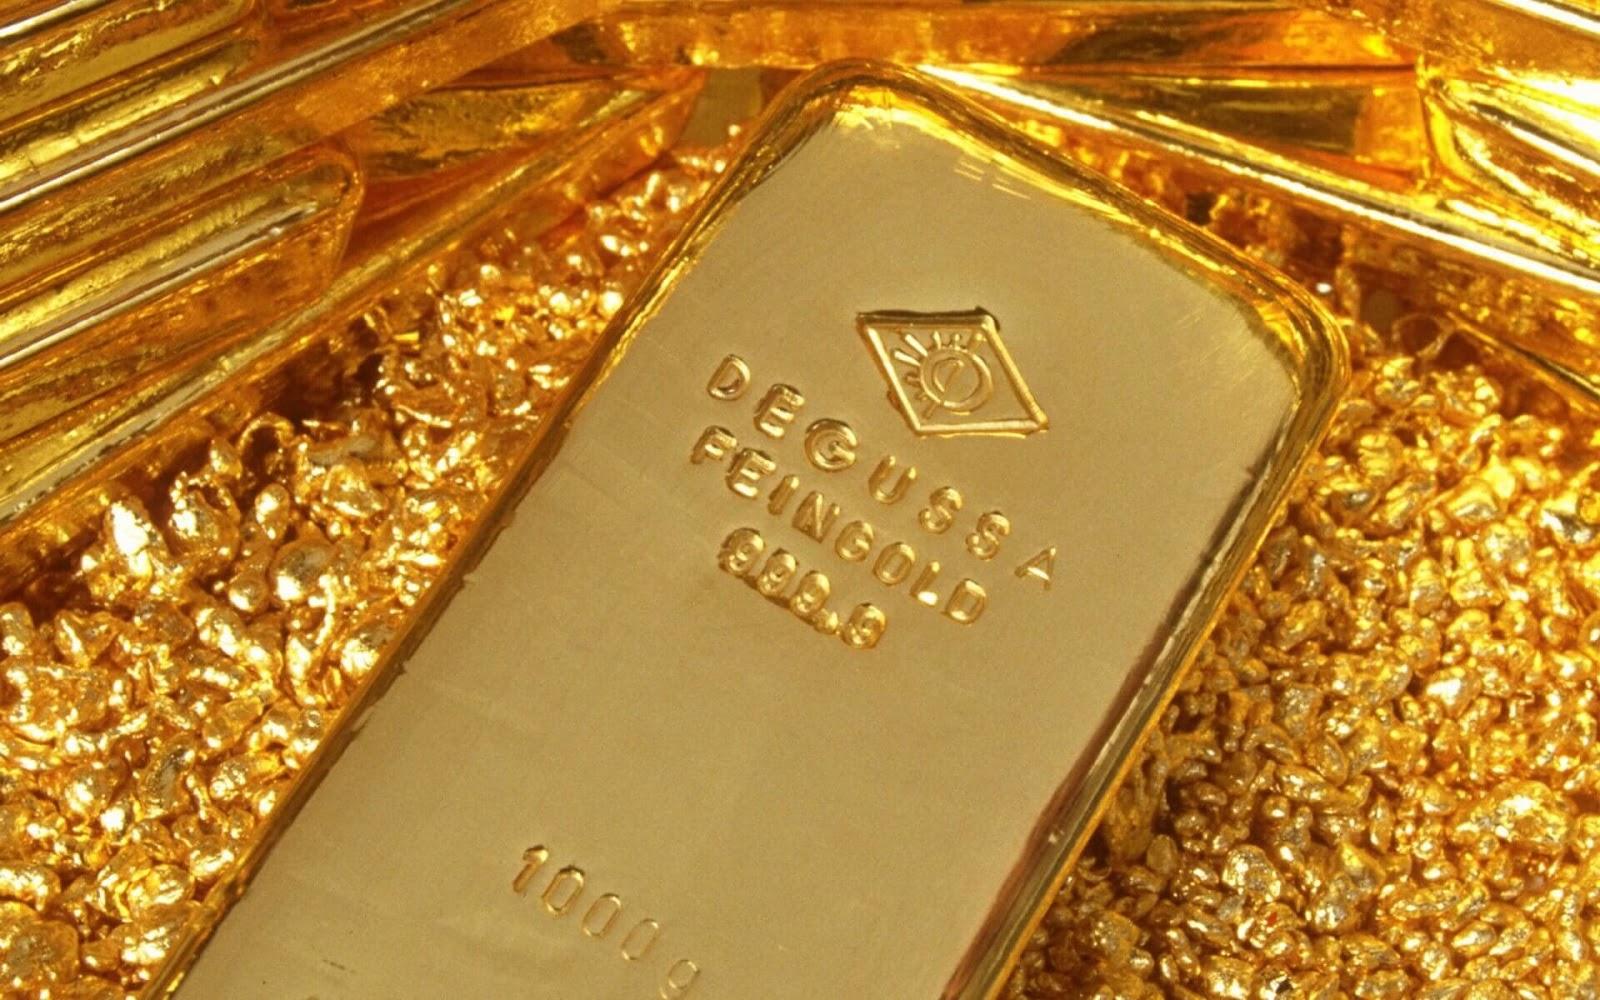 ارتفاع أسعار الذهب اليوم الخميس 5-9-2019 في مصر – الذهب نيوز